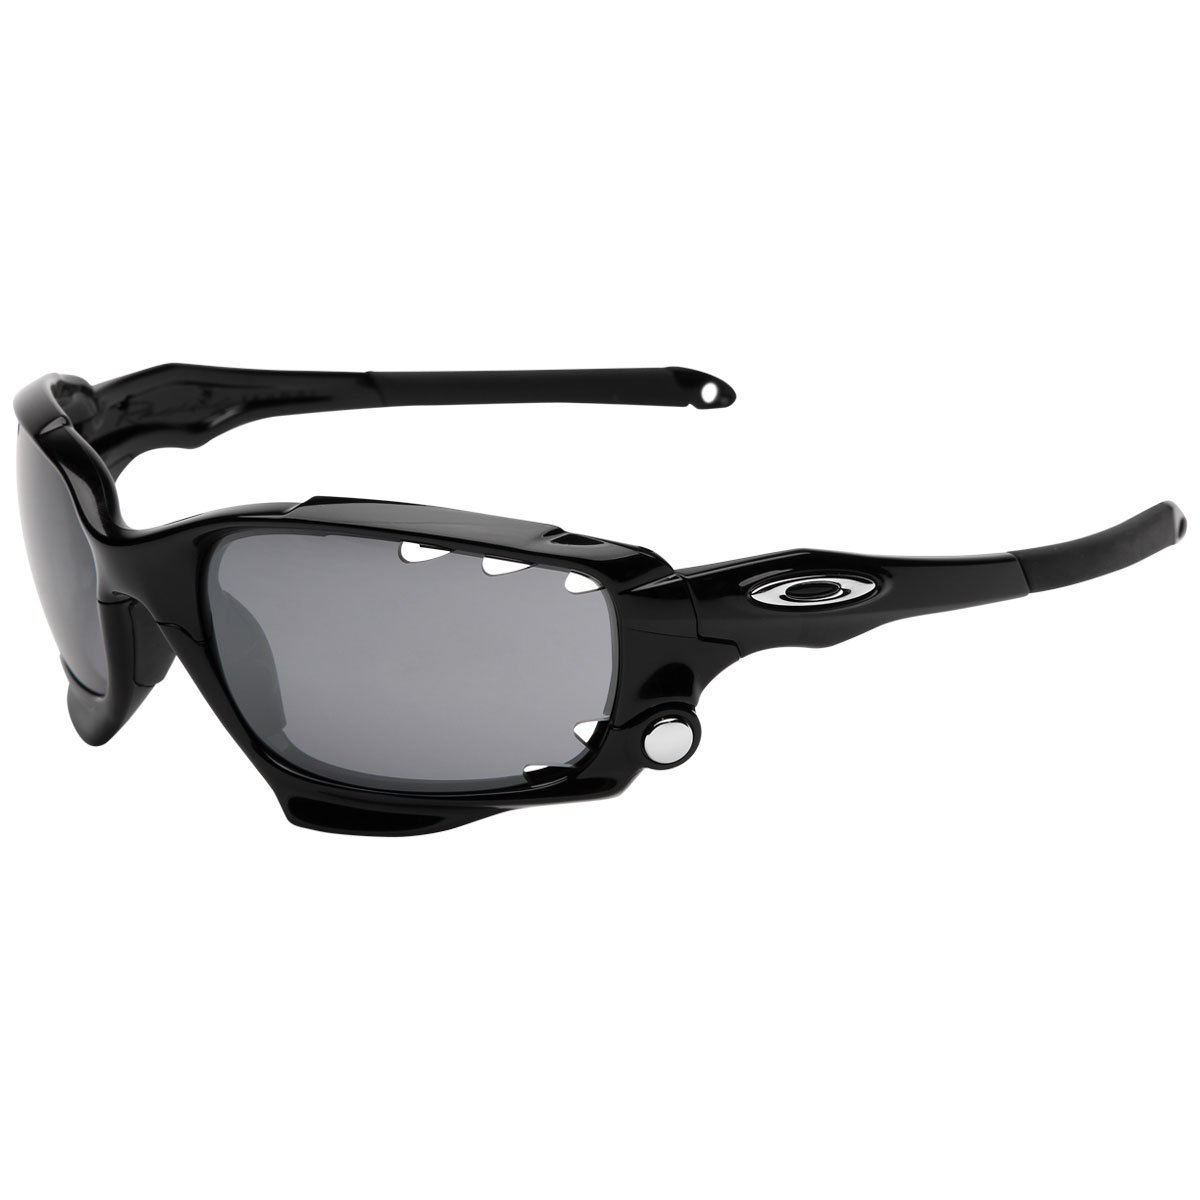 23a45d33fed0f Óculos Oakley Racing Jacket - Iridium - Compre Agora